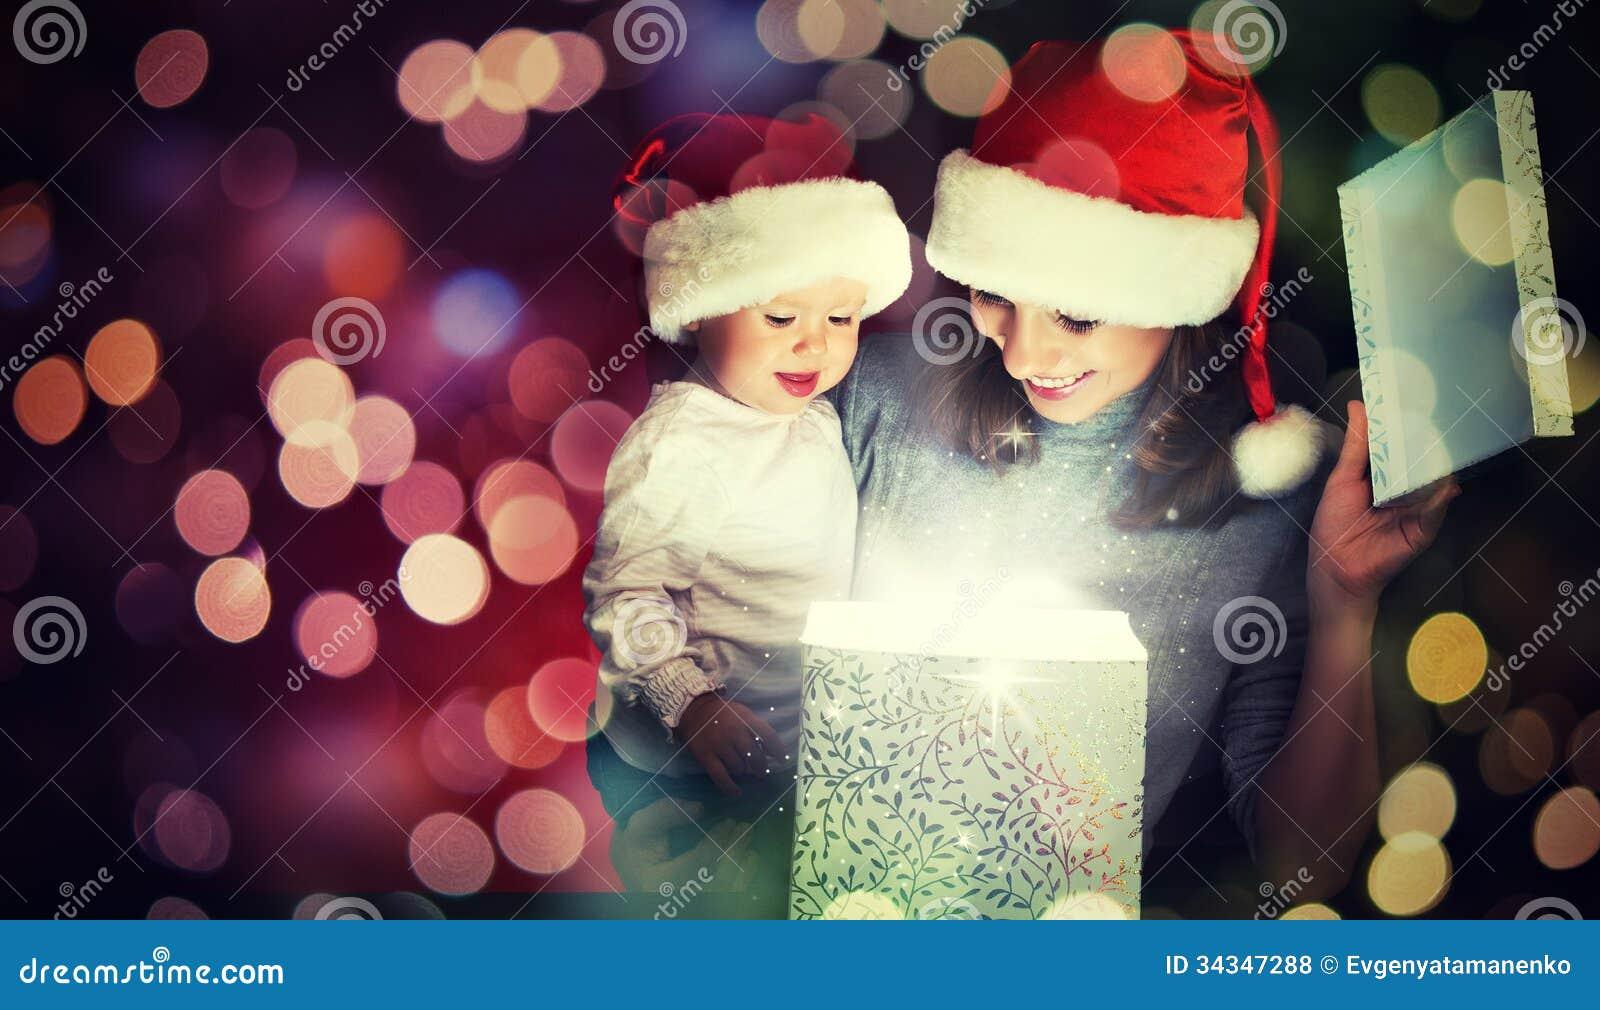 Μαγικό κιβώτιο δώρων Χριστουγέννων και μια ευτυχή οικογενειακά μητέρα και ένα μωρό